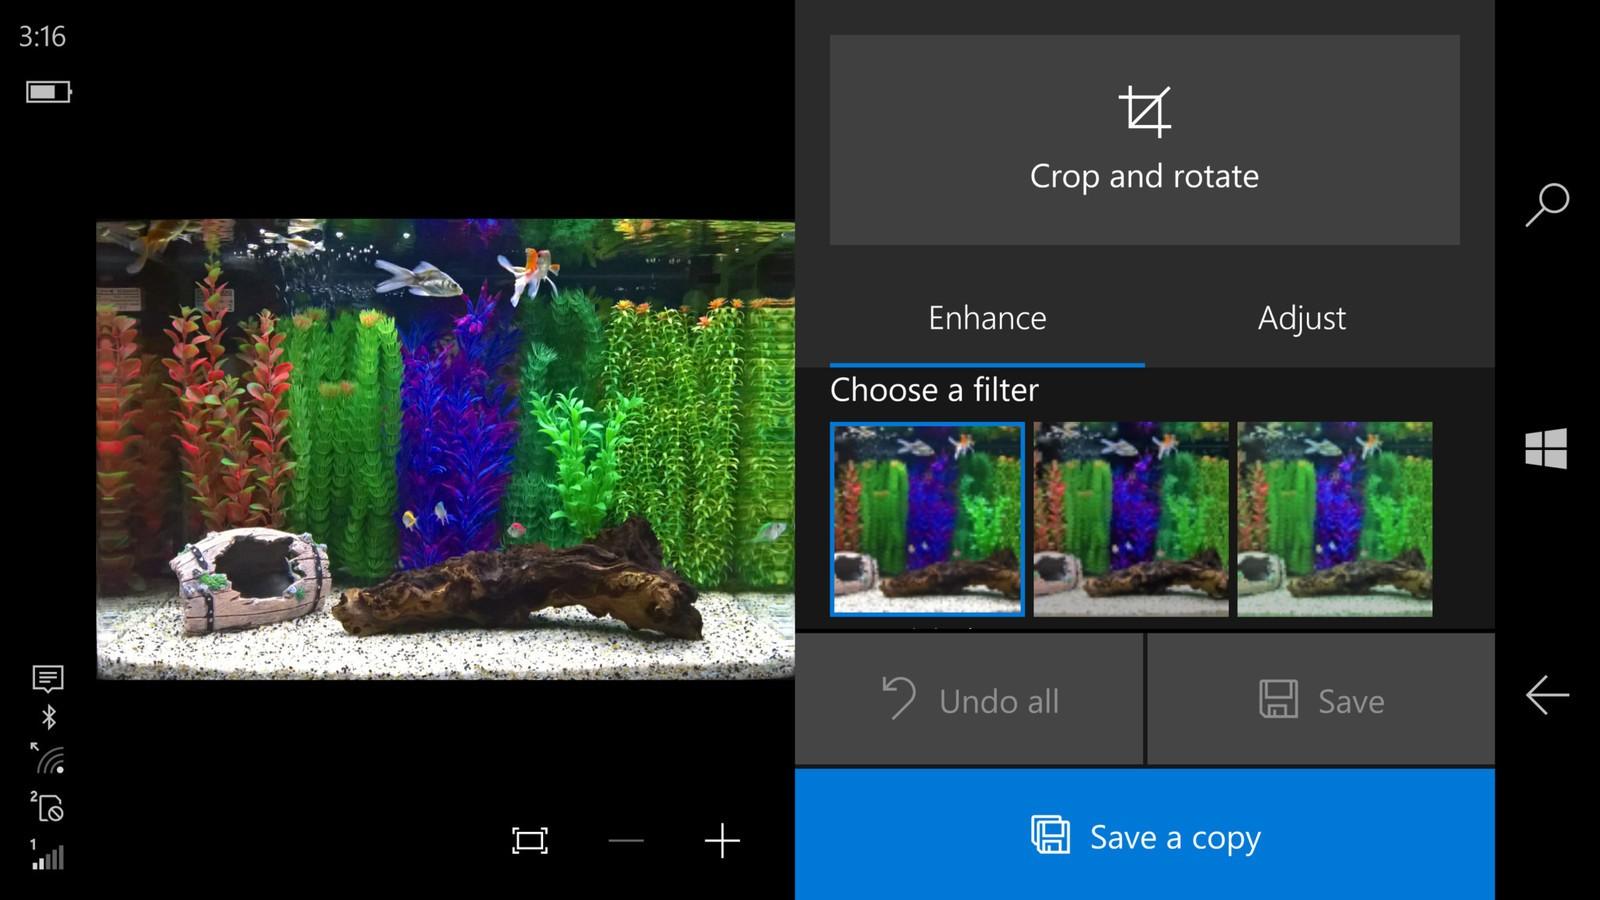 App Fotos Nueva Edicion